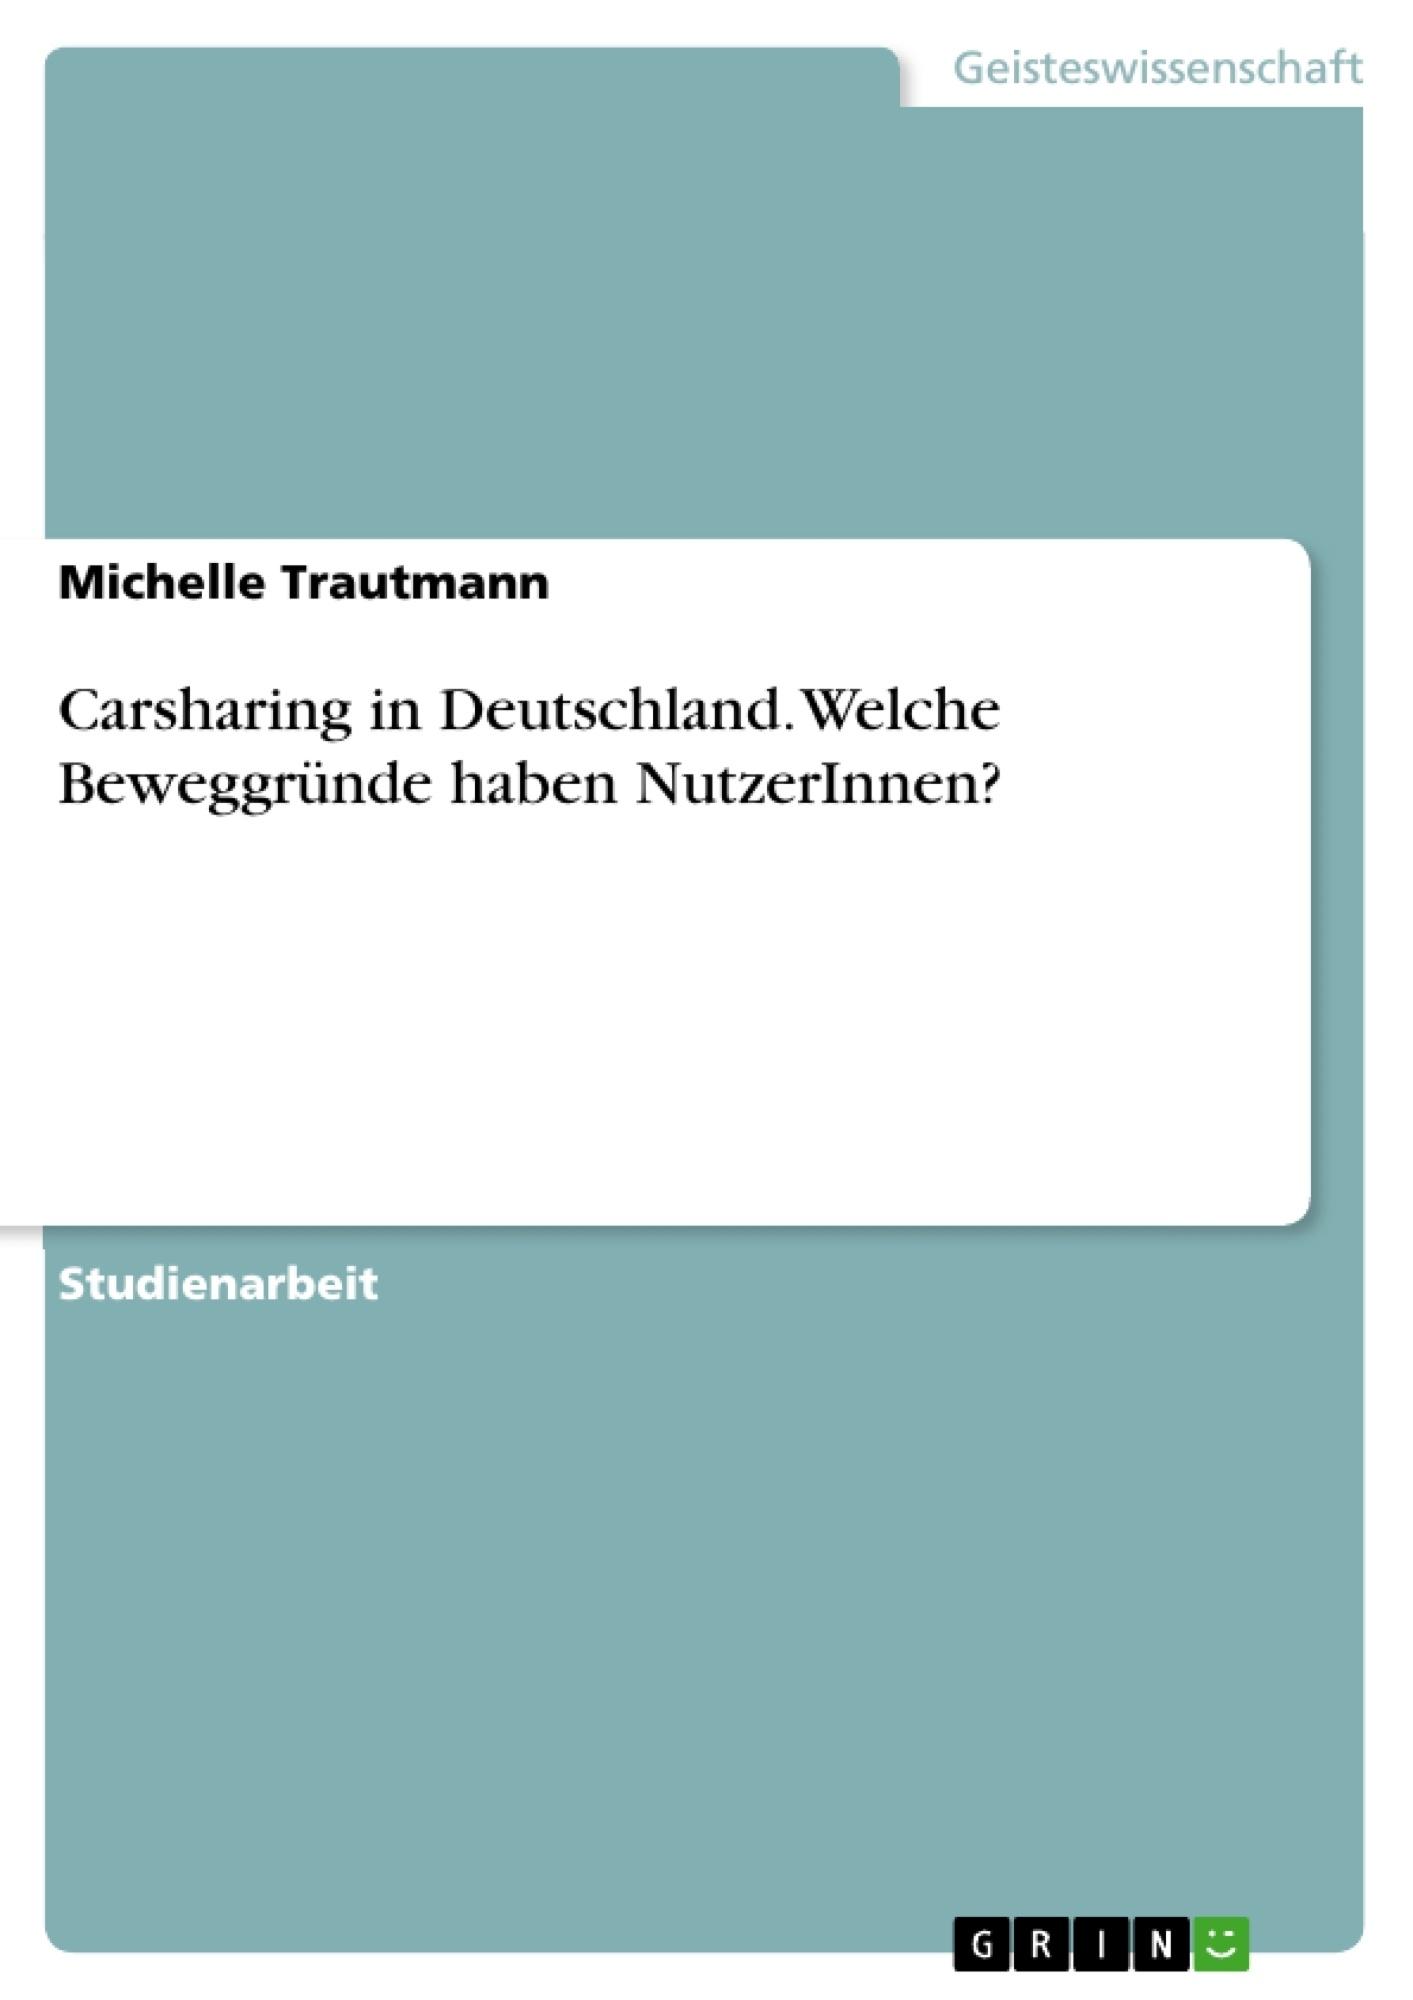 Titel: Carsharing in Deutschland. Welche Beweggründe haben NutzerInnen?